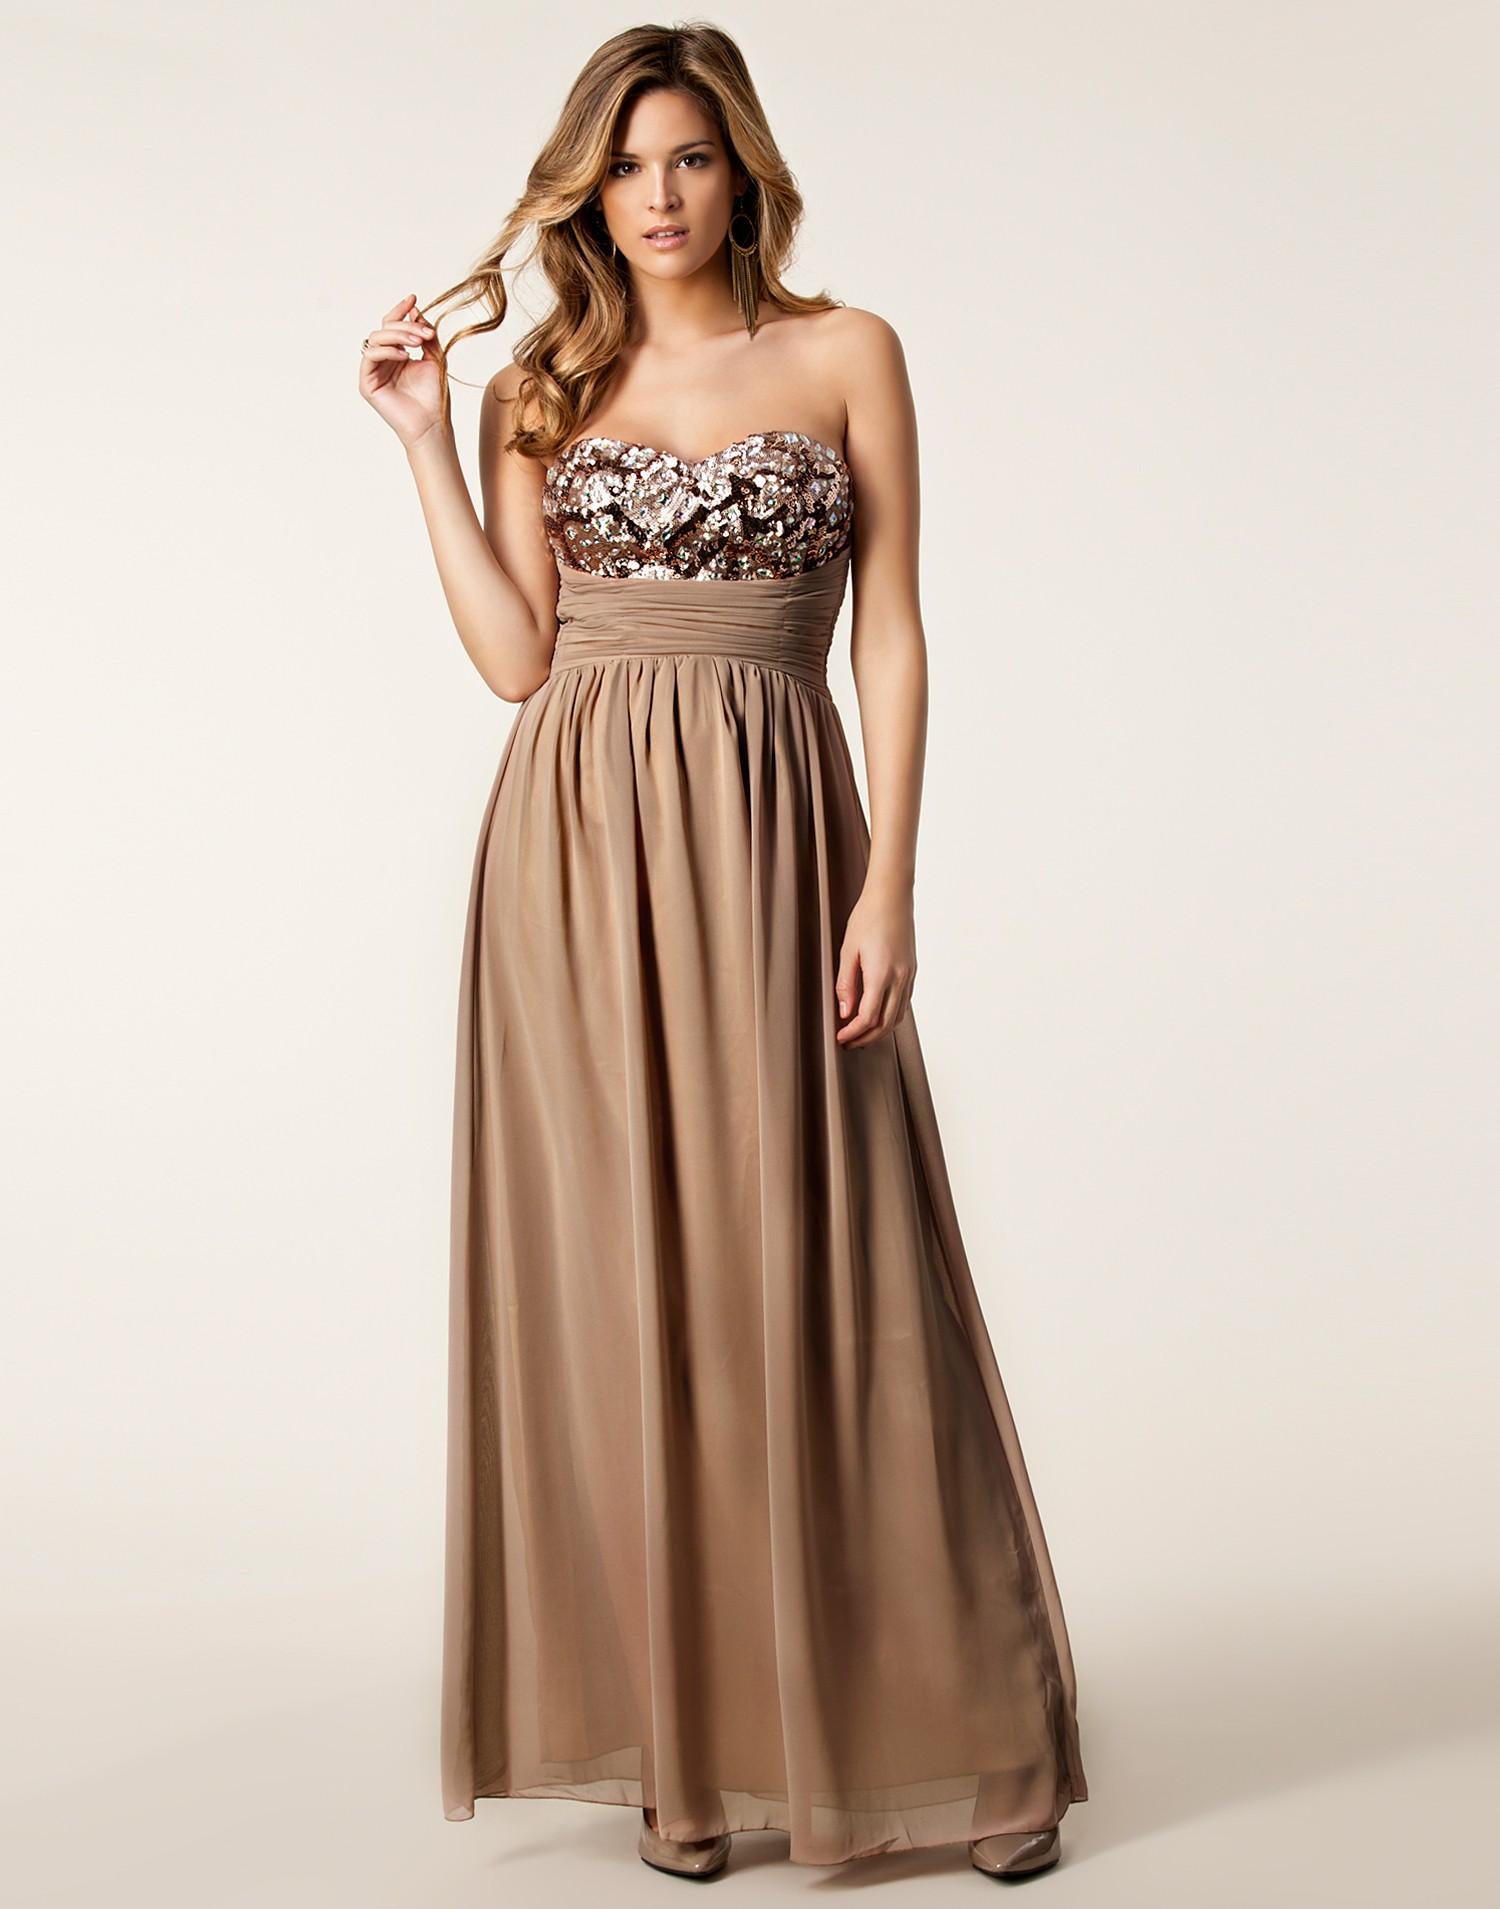 Pictures gece elbise modelleri 2013 uzun dekolteli gece elbise modeli - 13 1 2